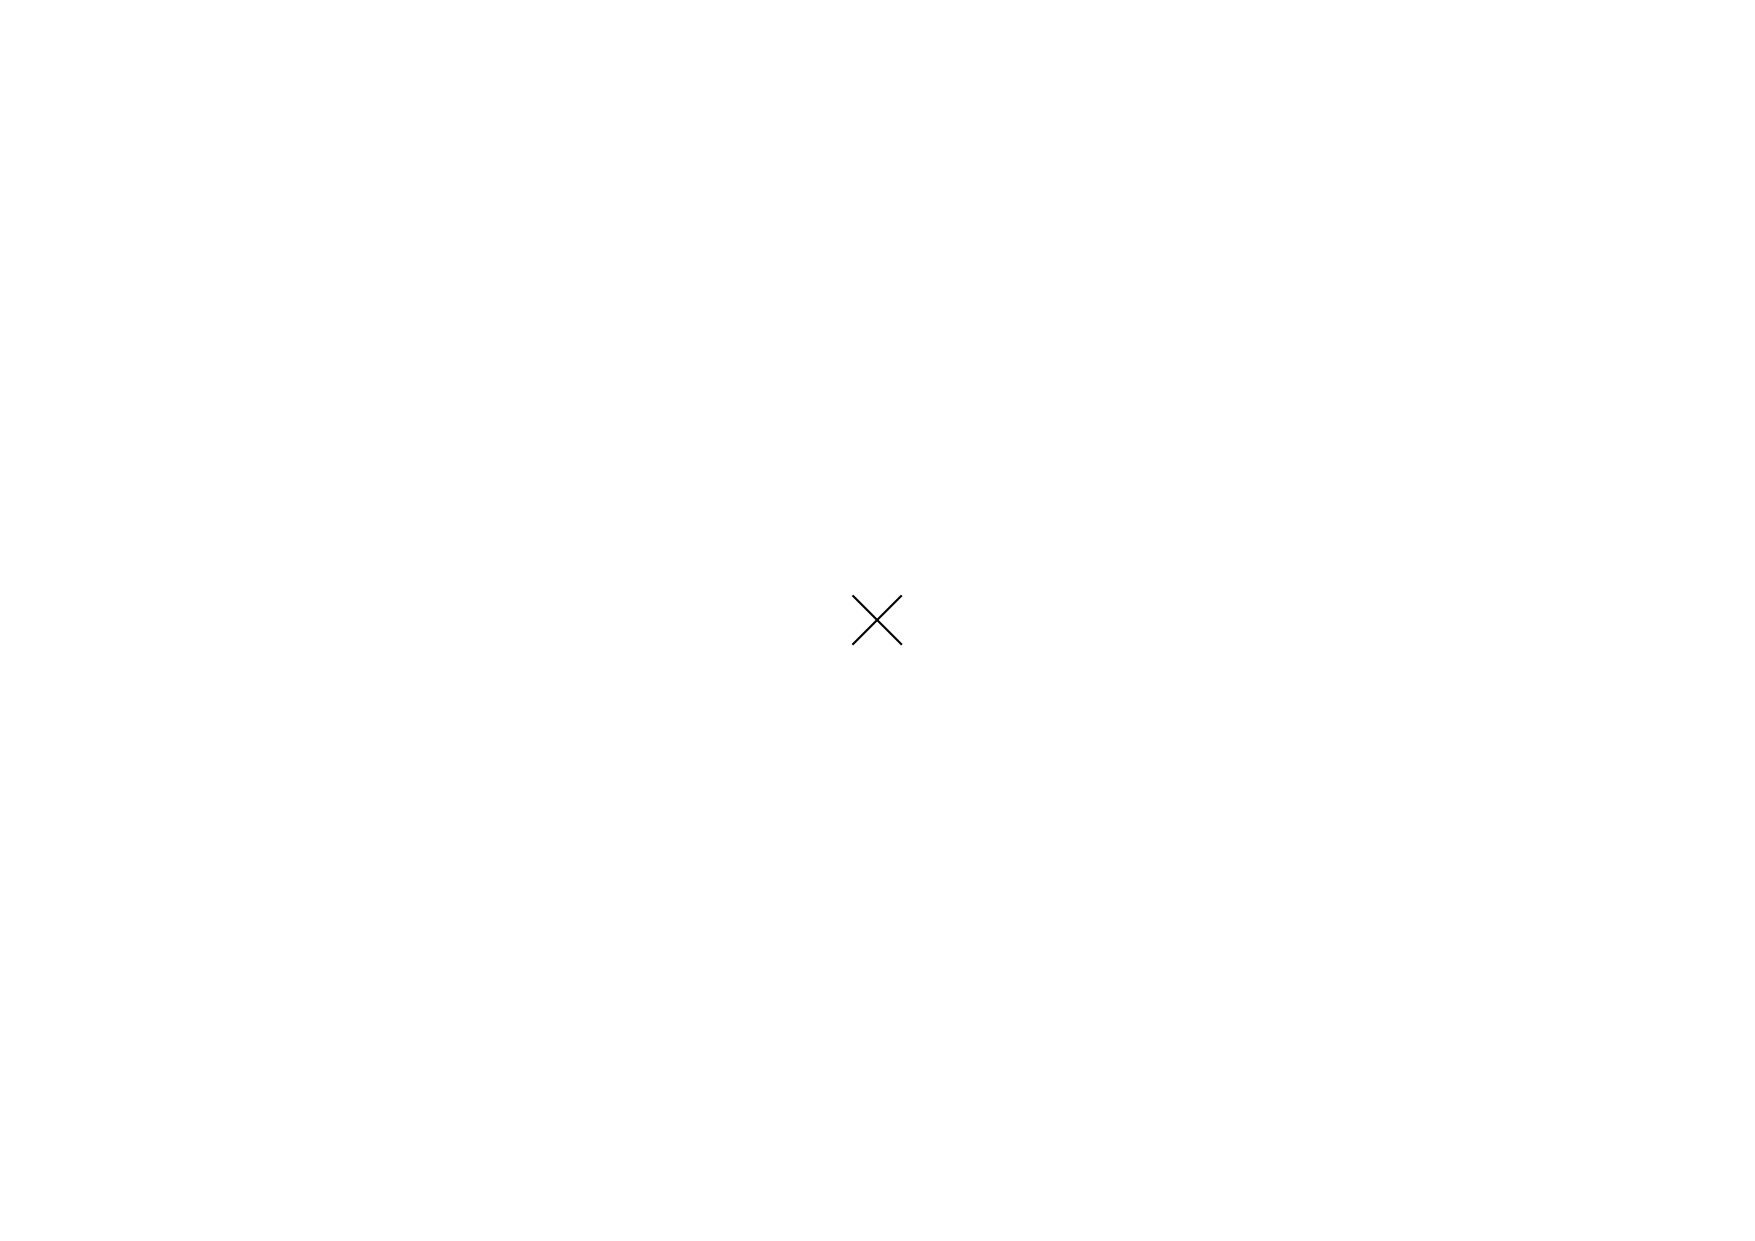 bp_plain_icons_exit